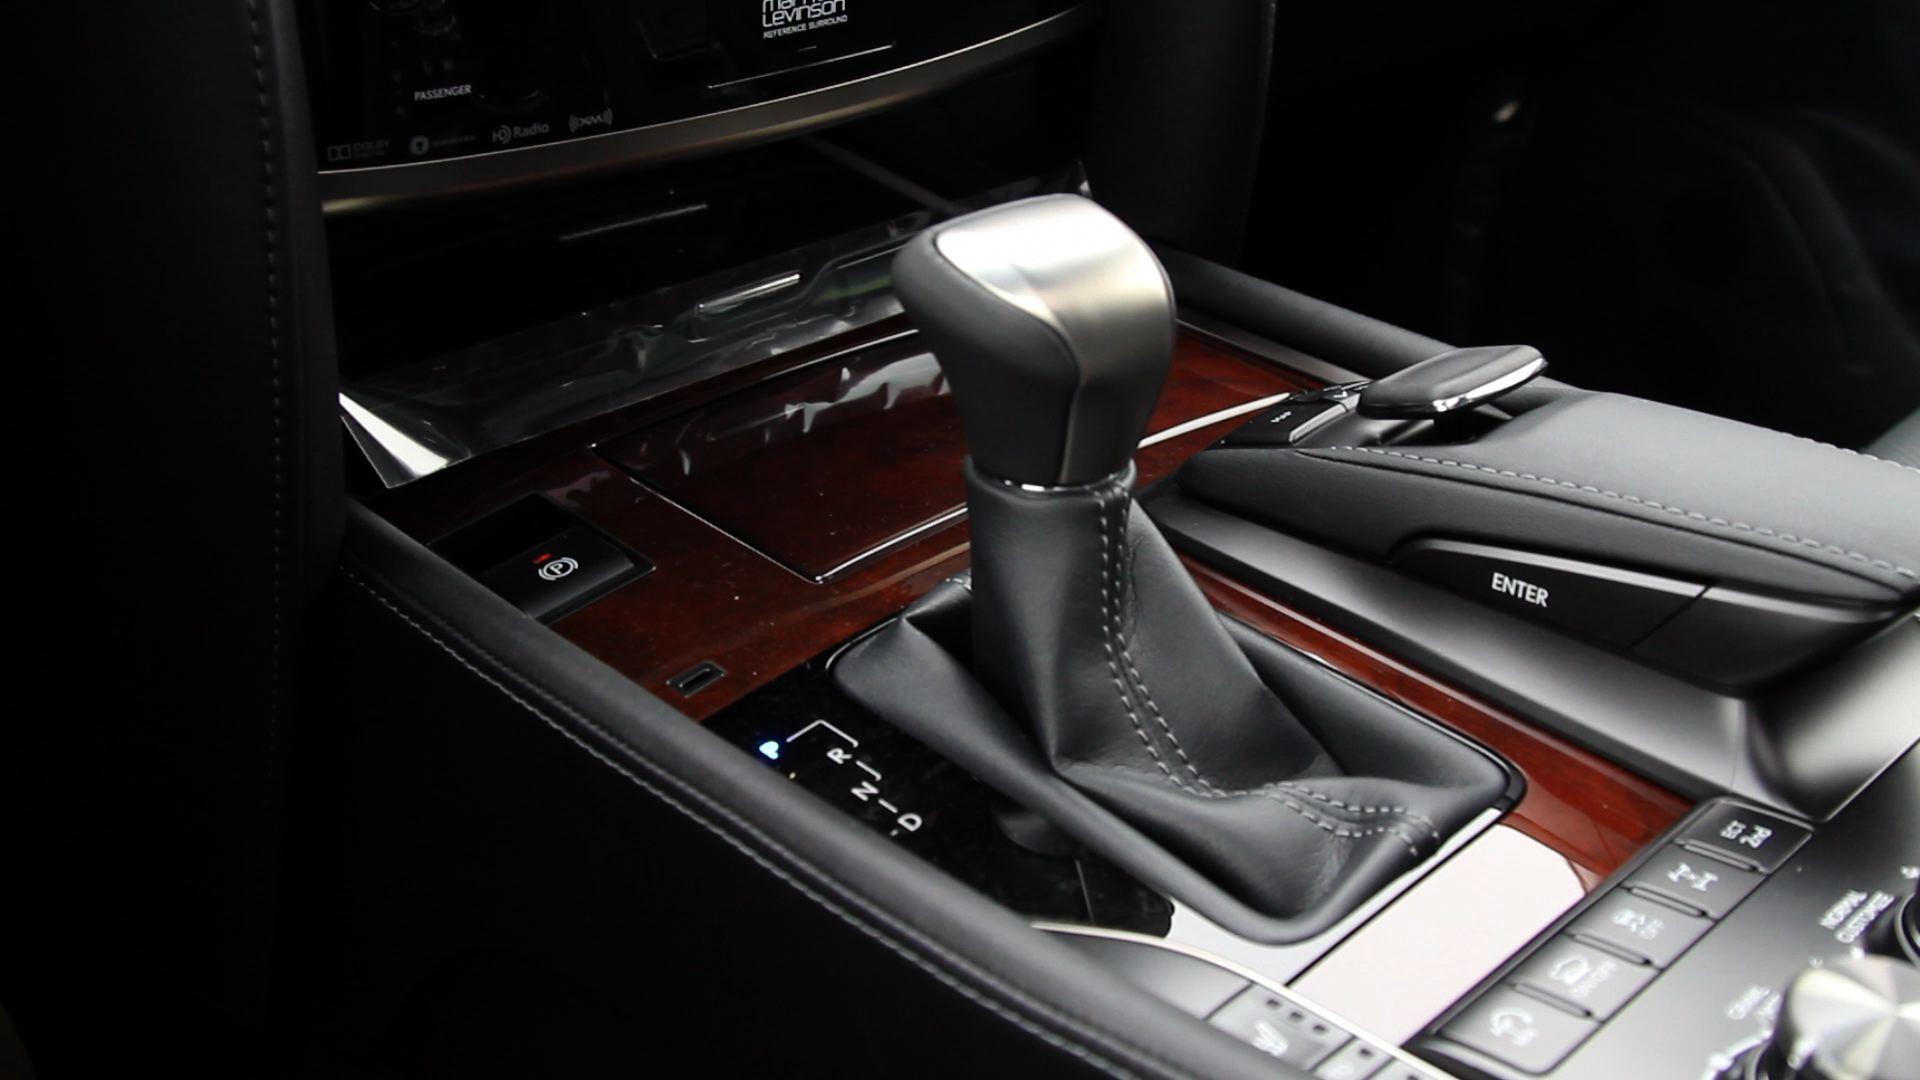 2016 Lexus LX 570 - Gear shift